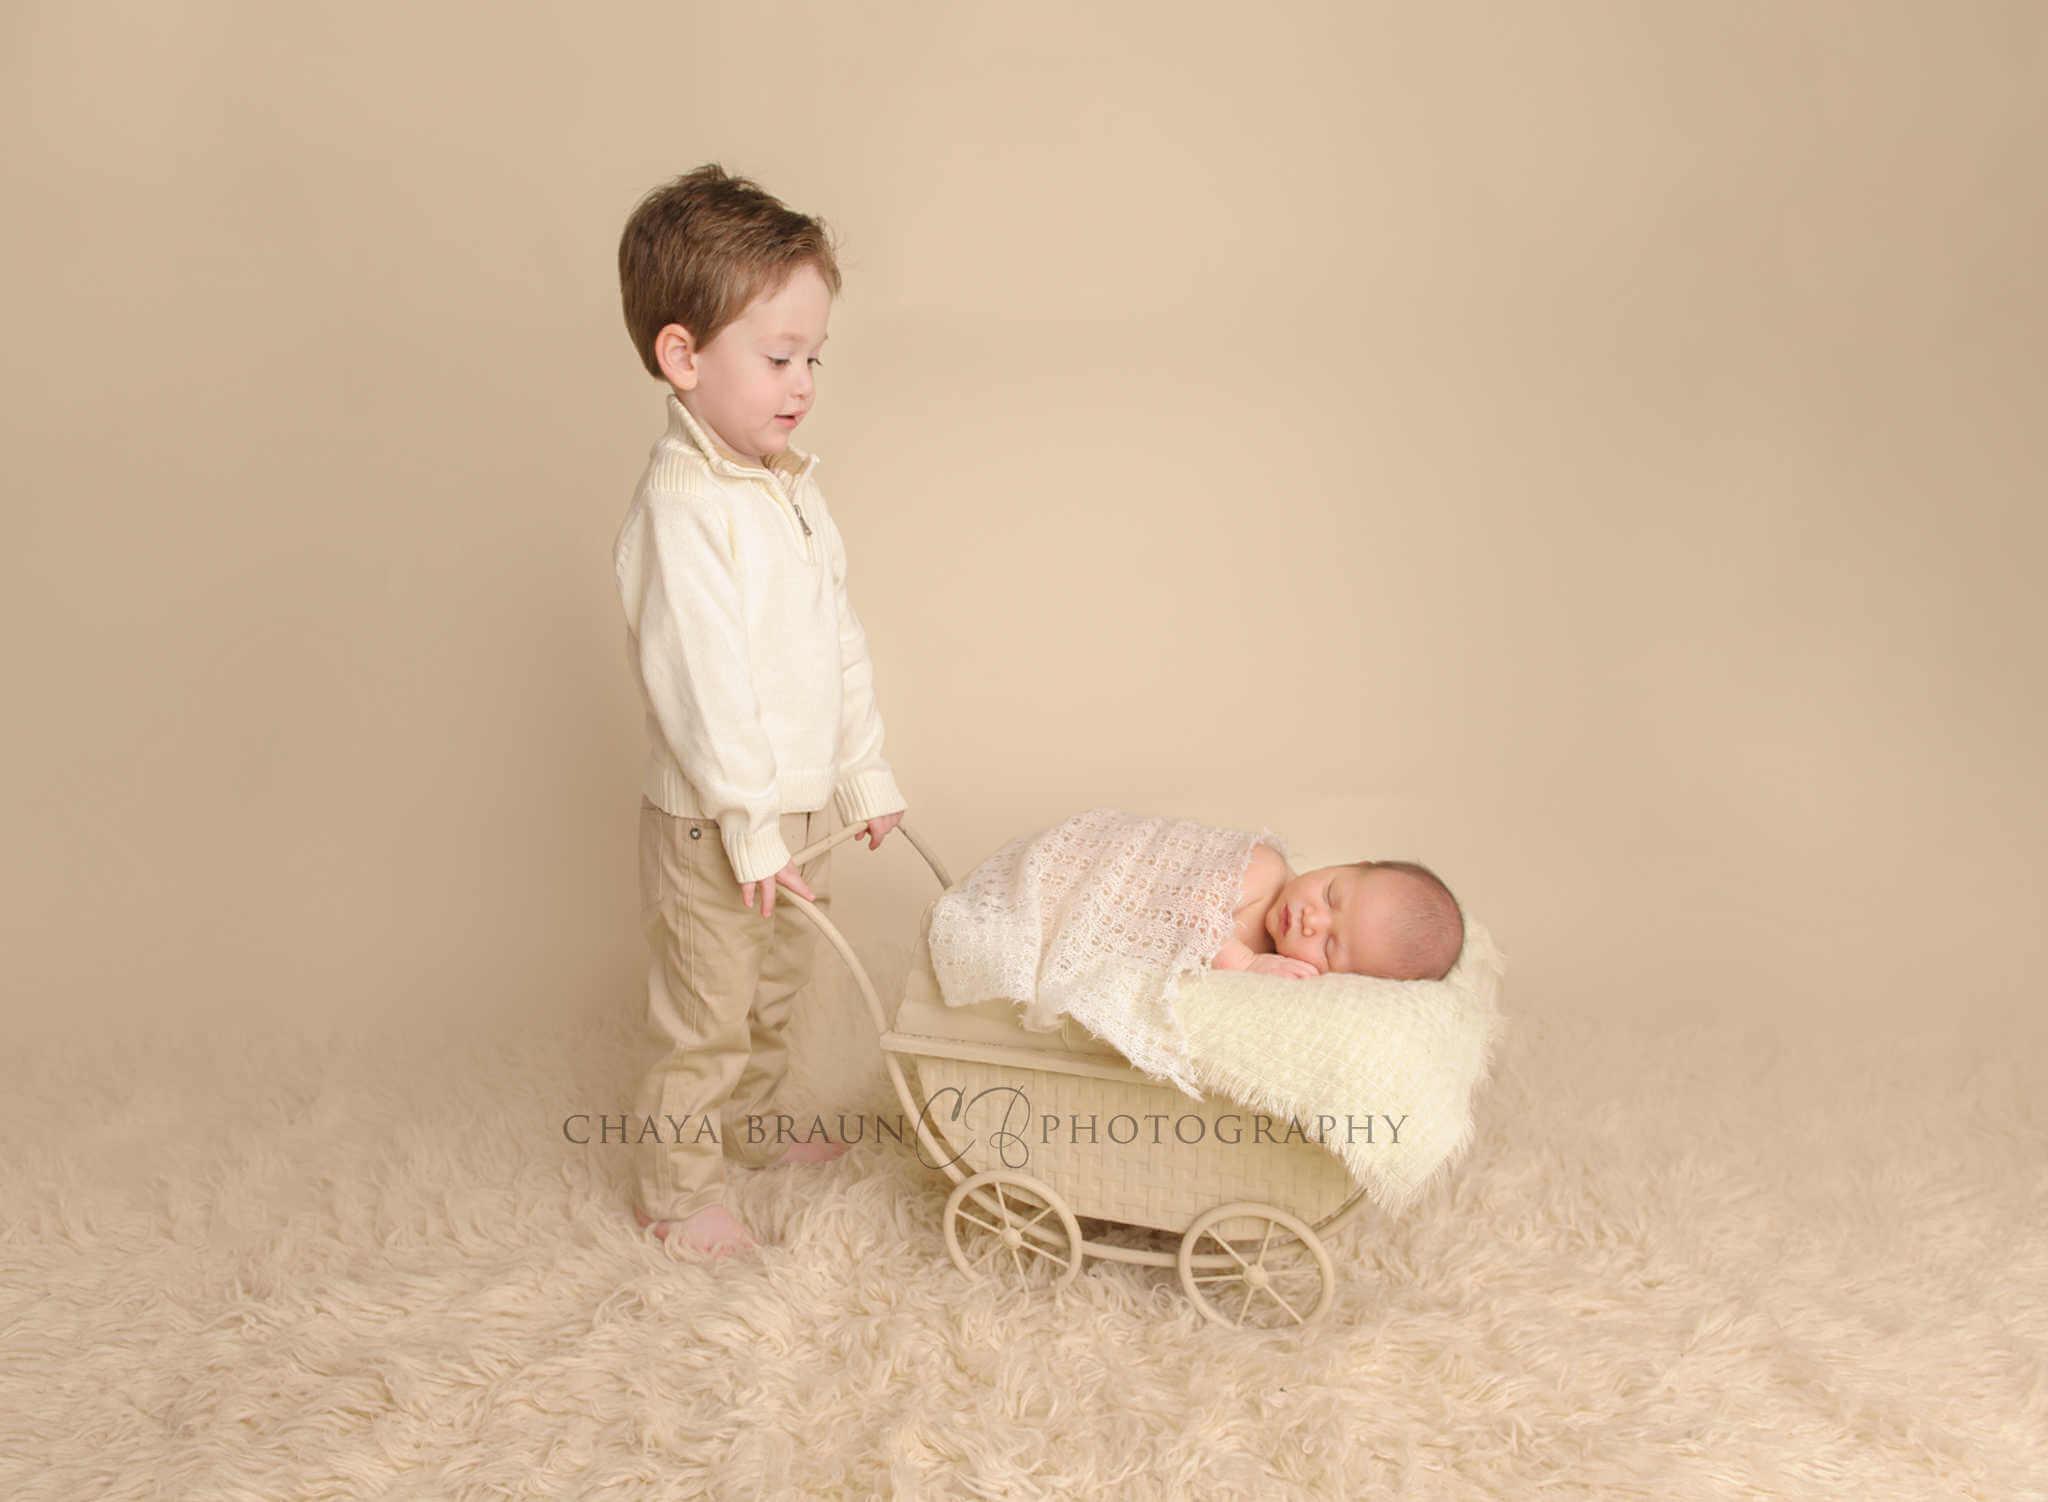 sibling pushing newborn in pram